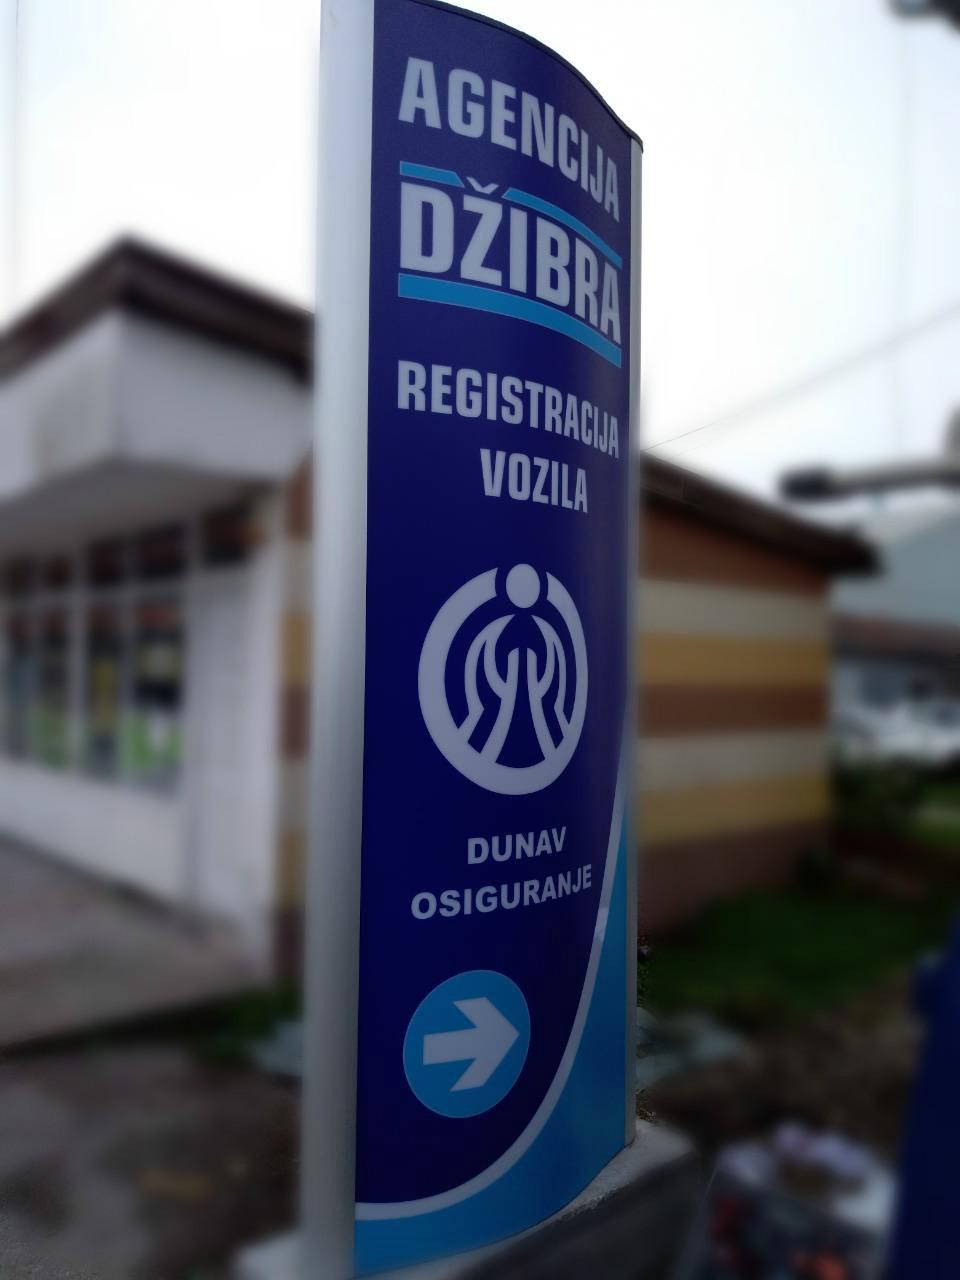 03-dZIBRA